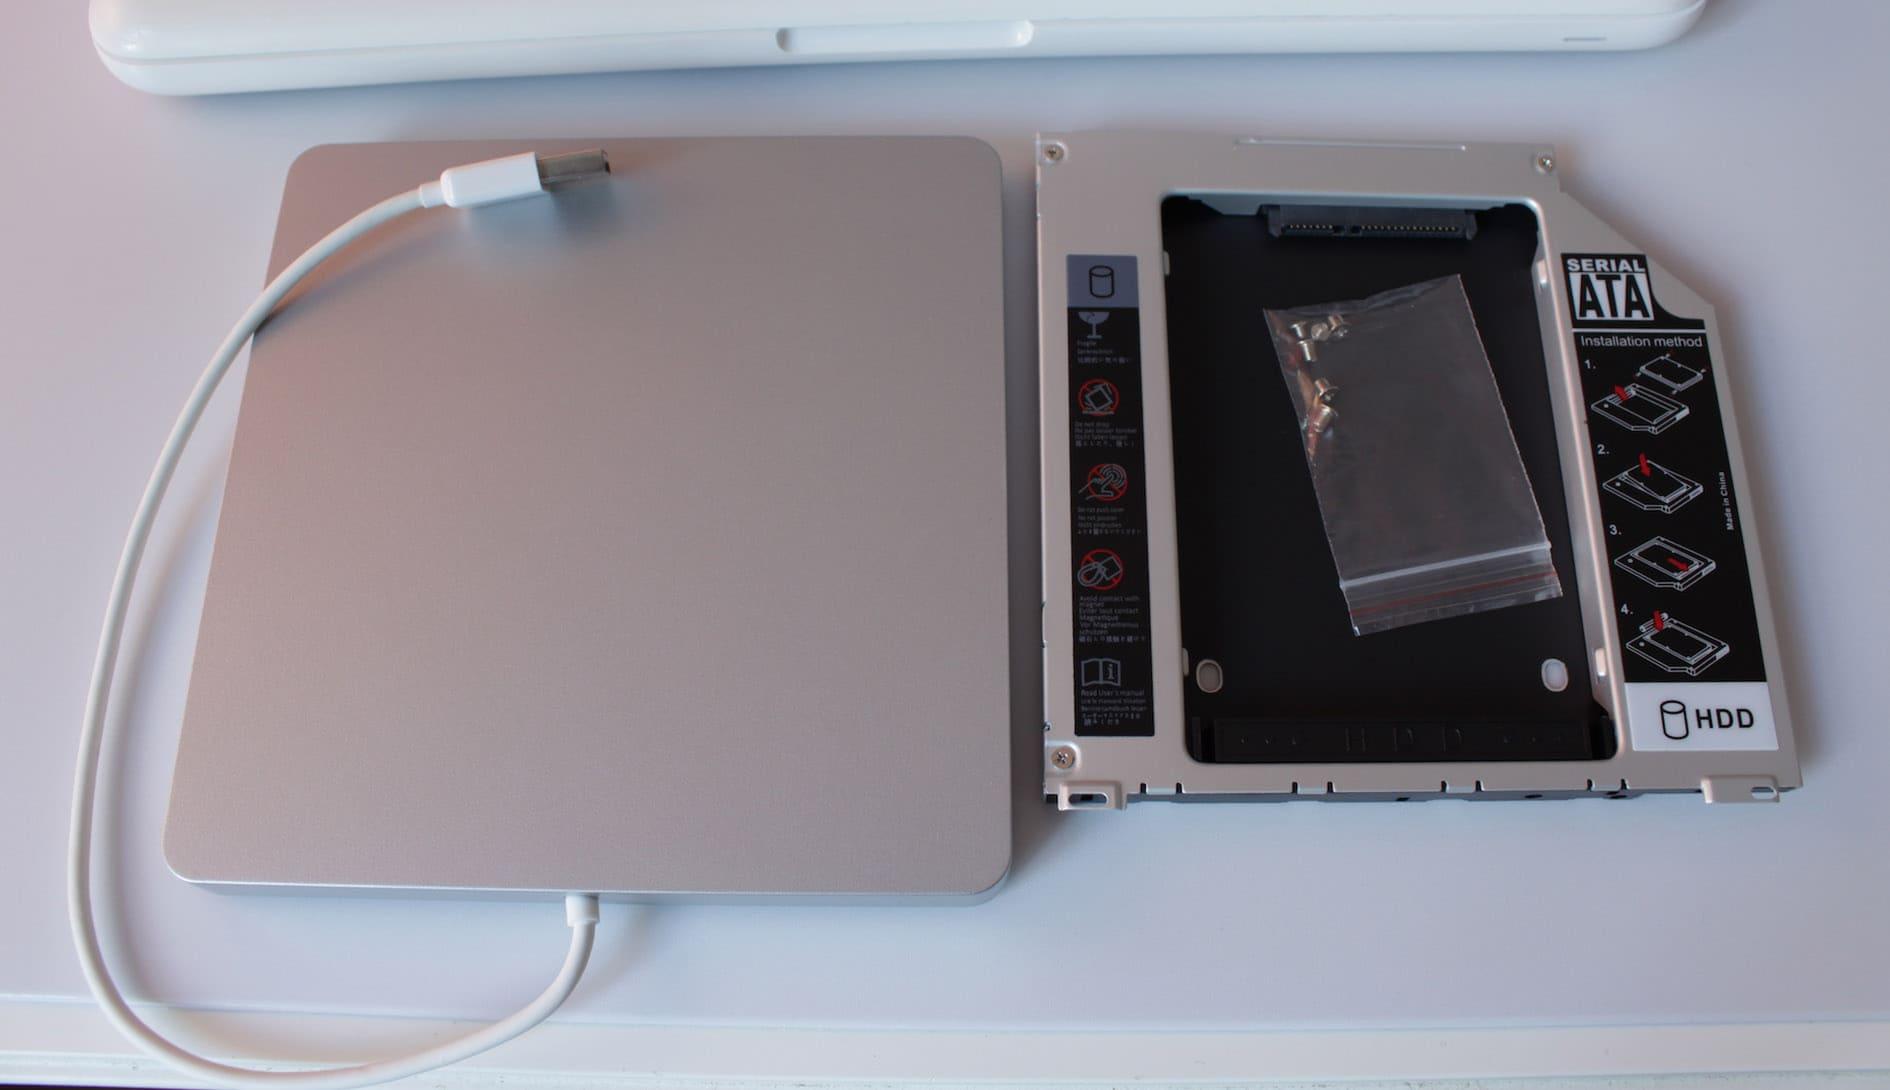 Leeres DVD Laufwerk und Festplattengehäuse